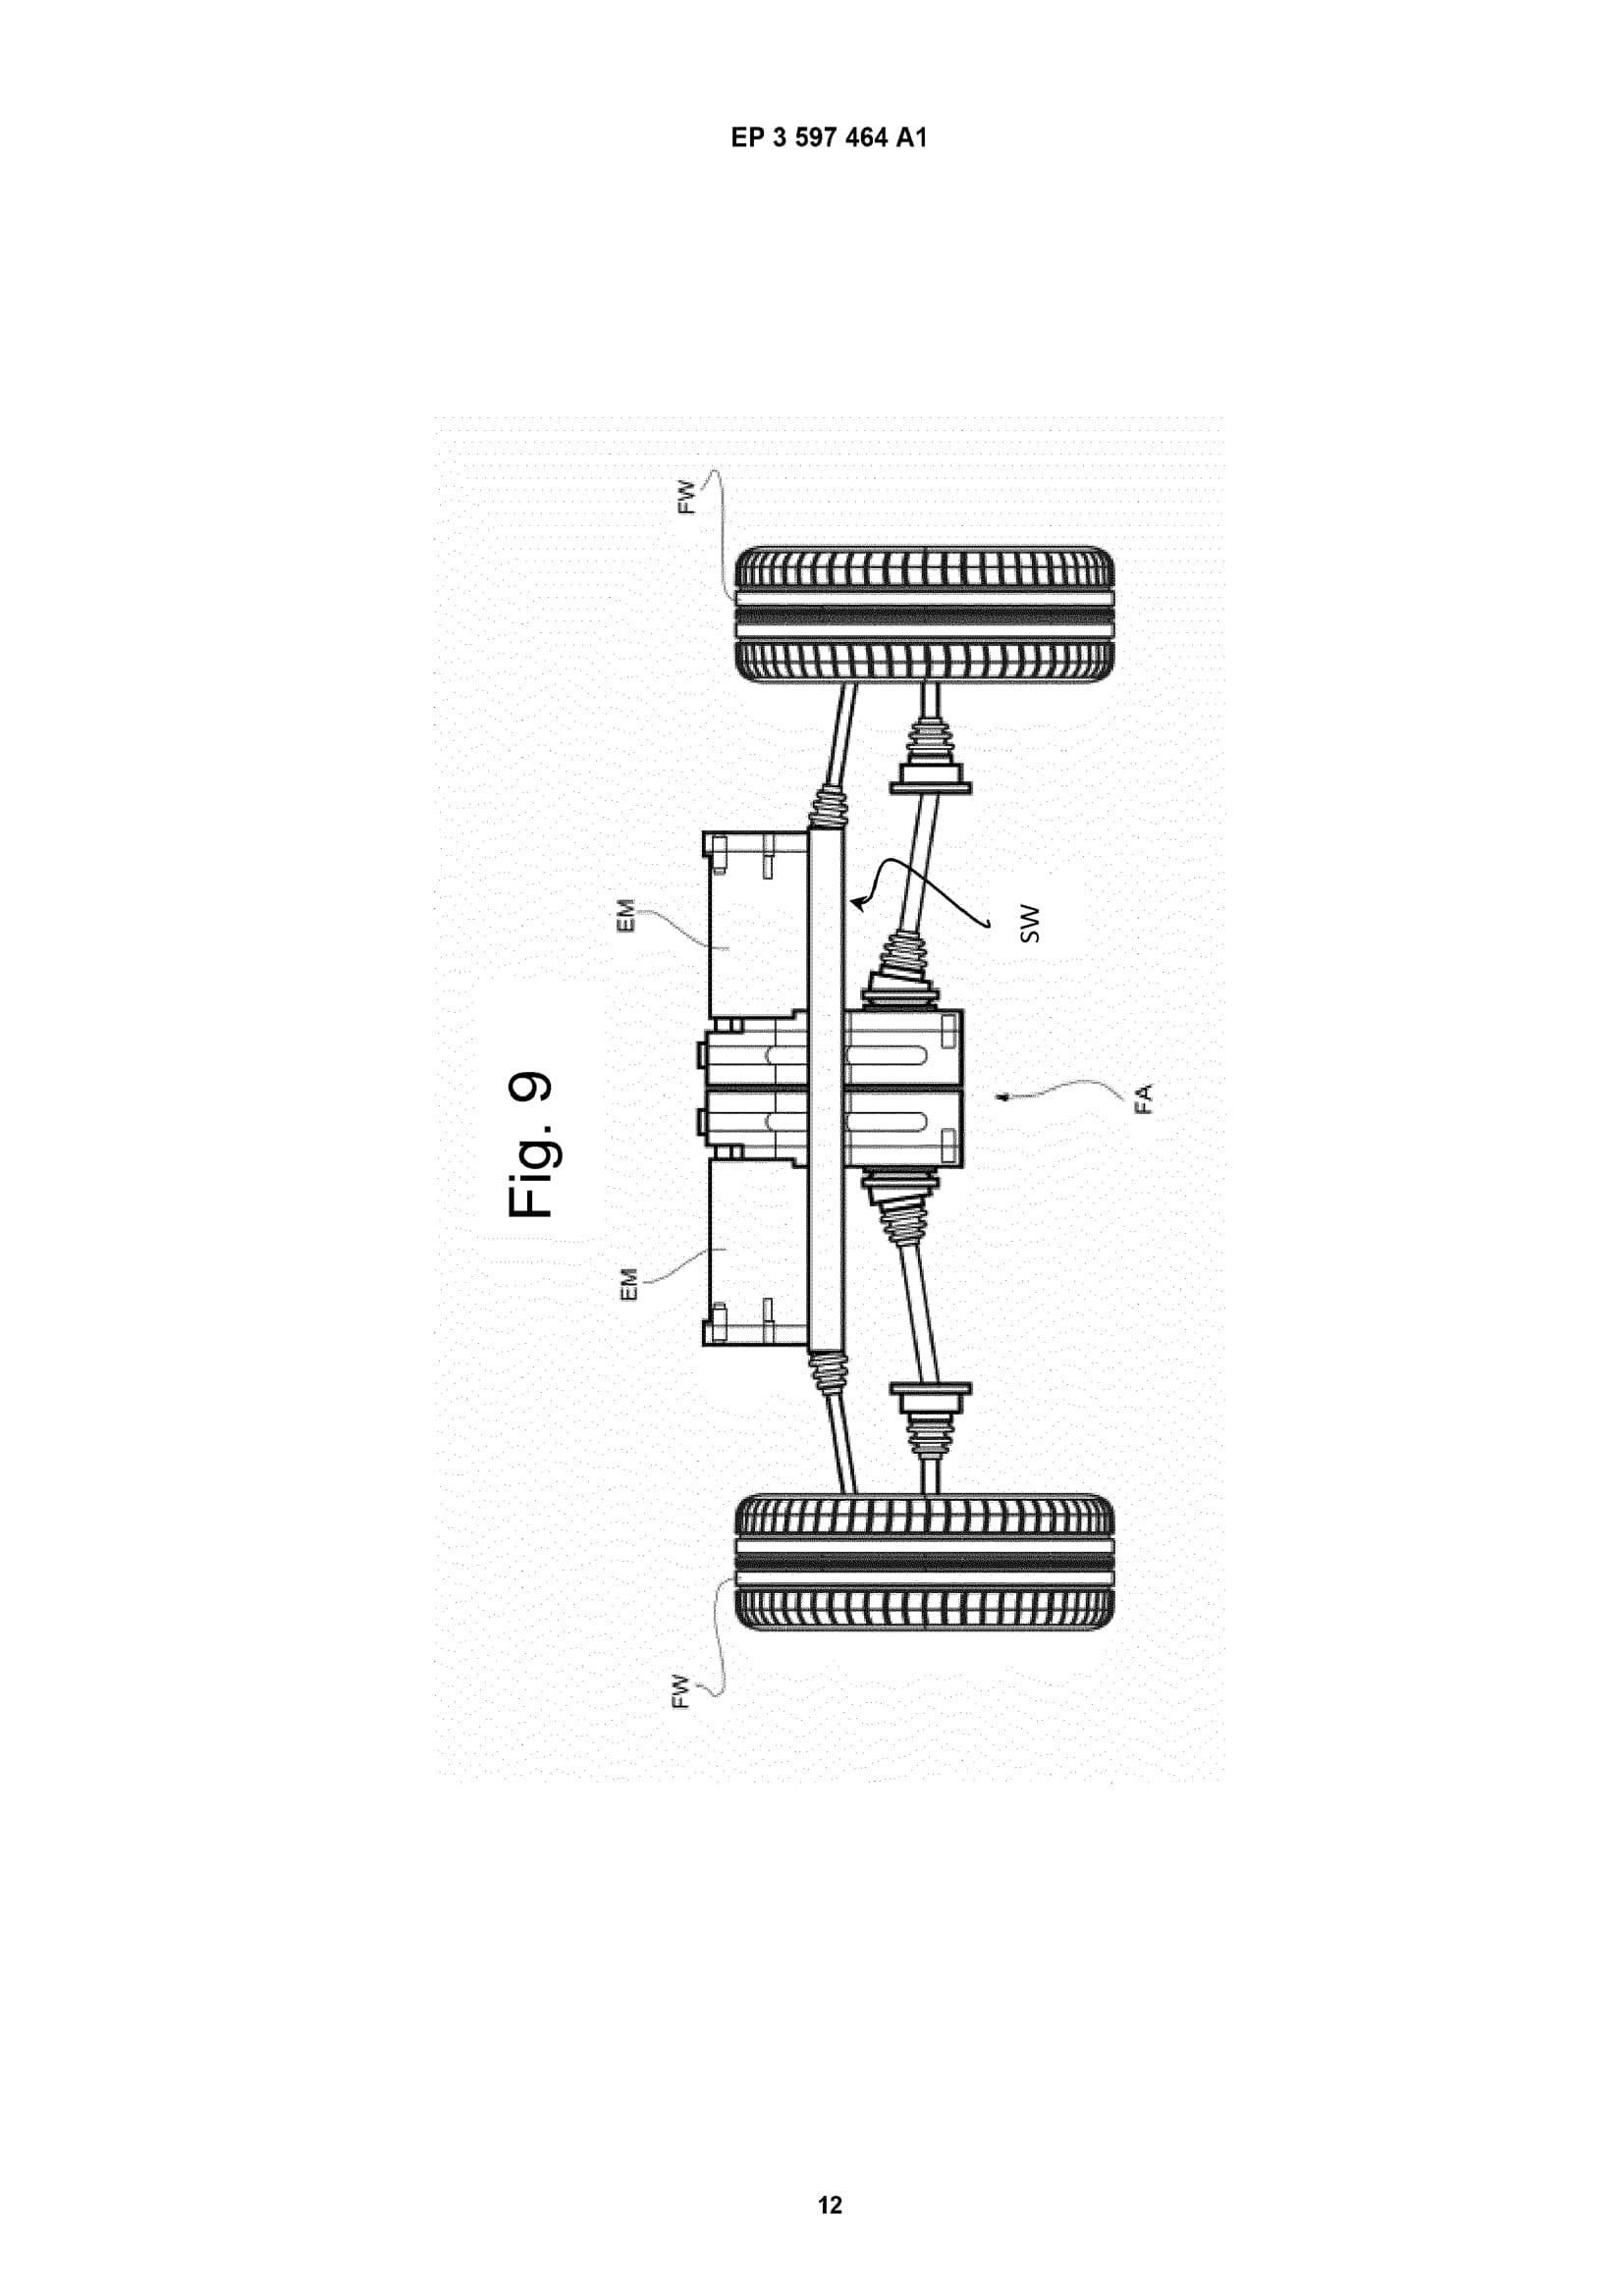 Ferrari-Electric-patent-12